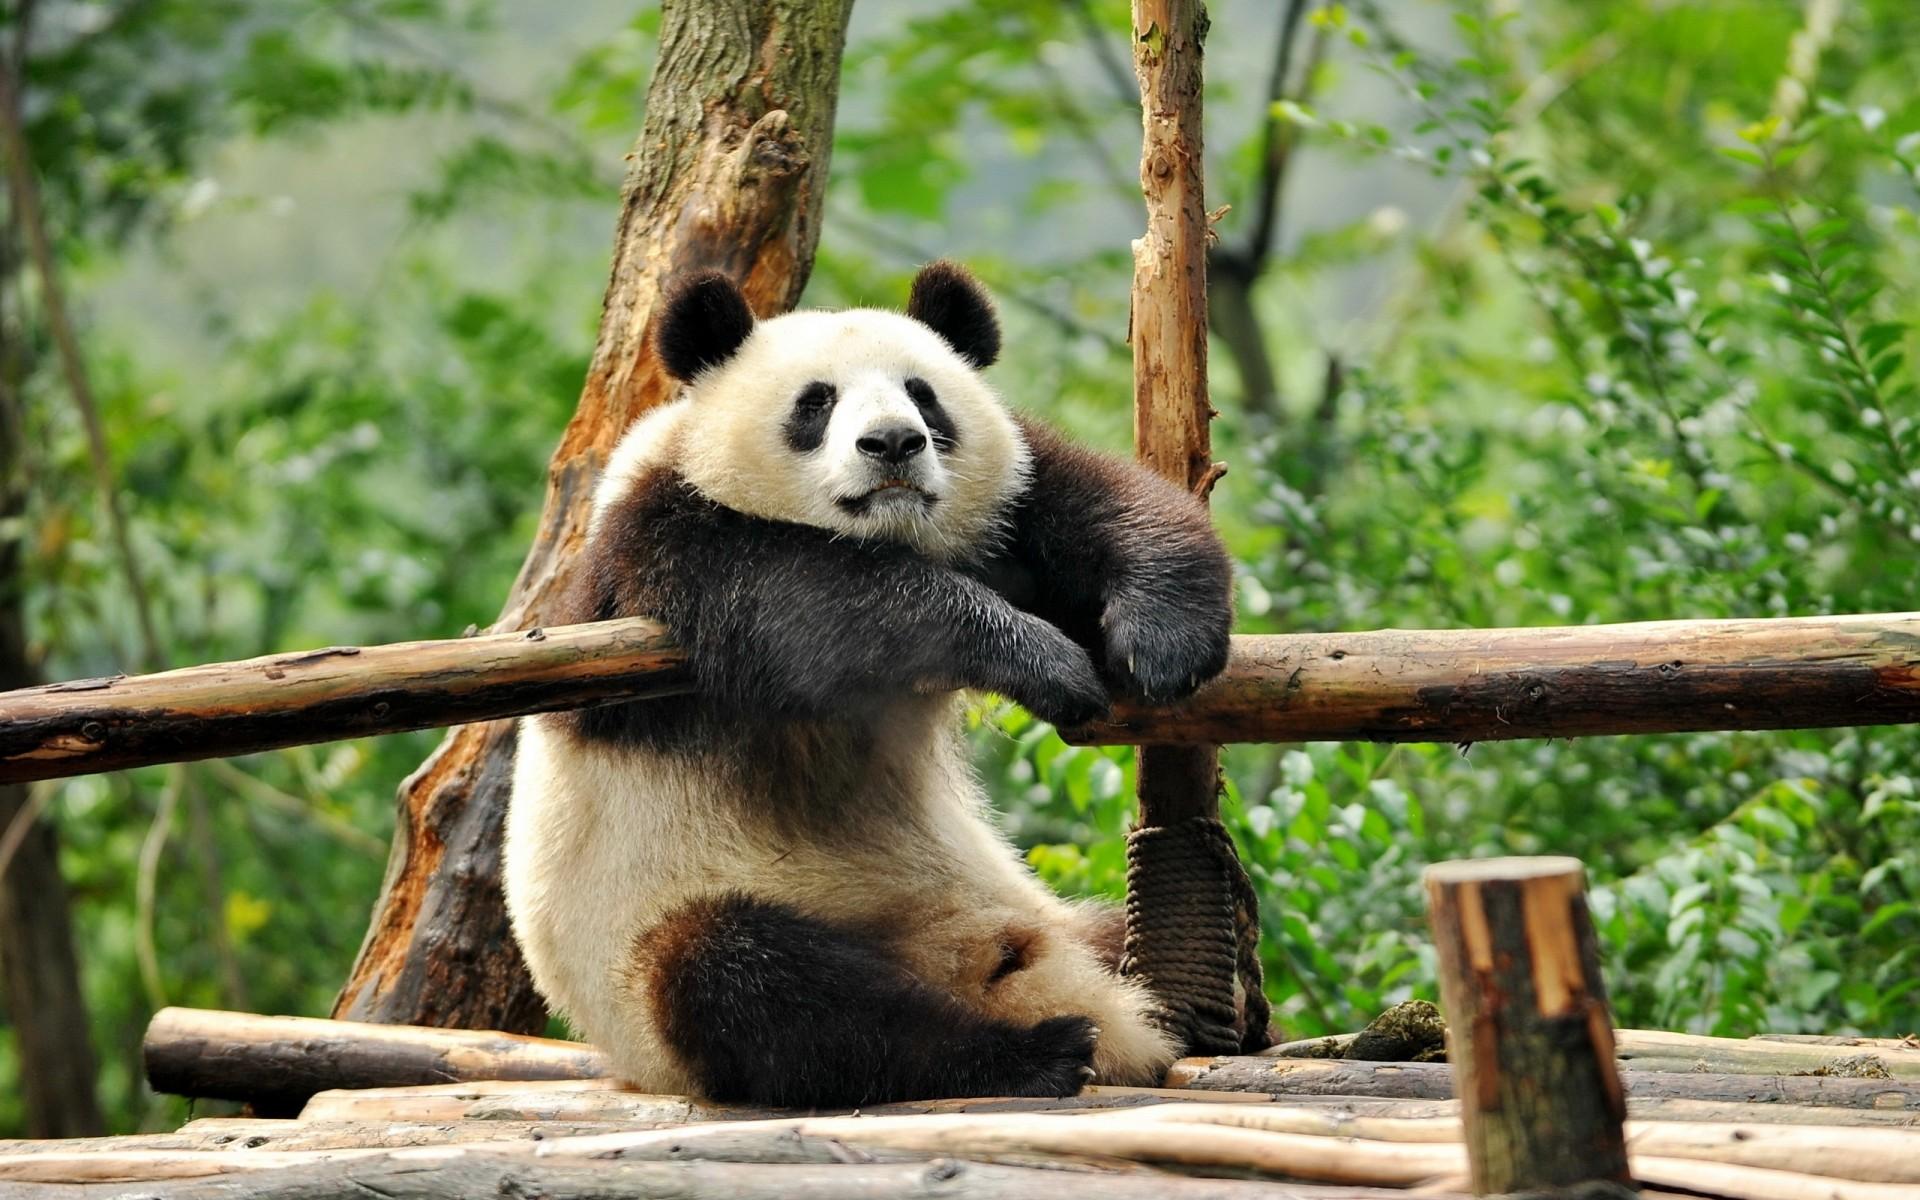 Обои 1366х768 для рабочего стола панды